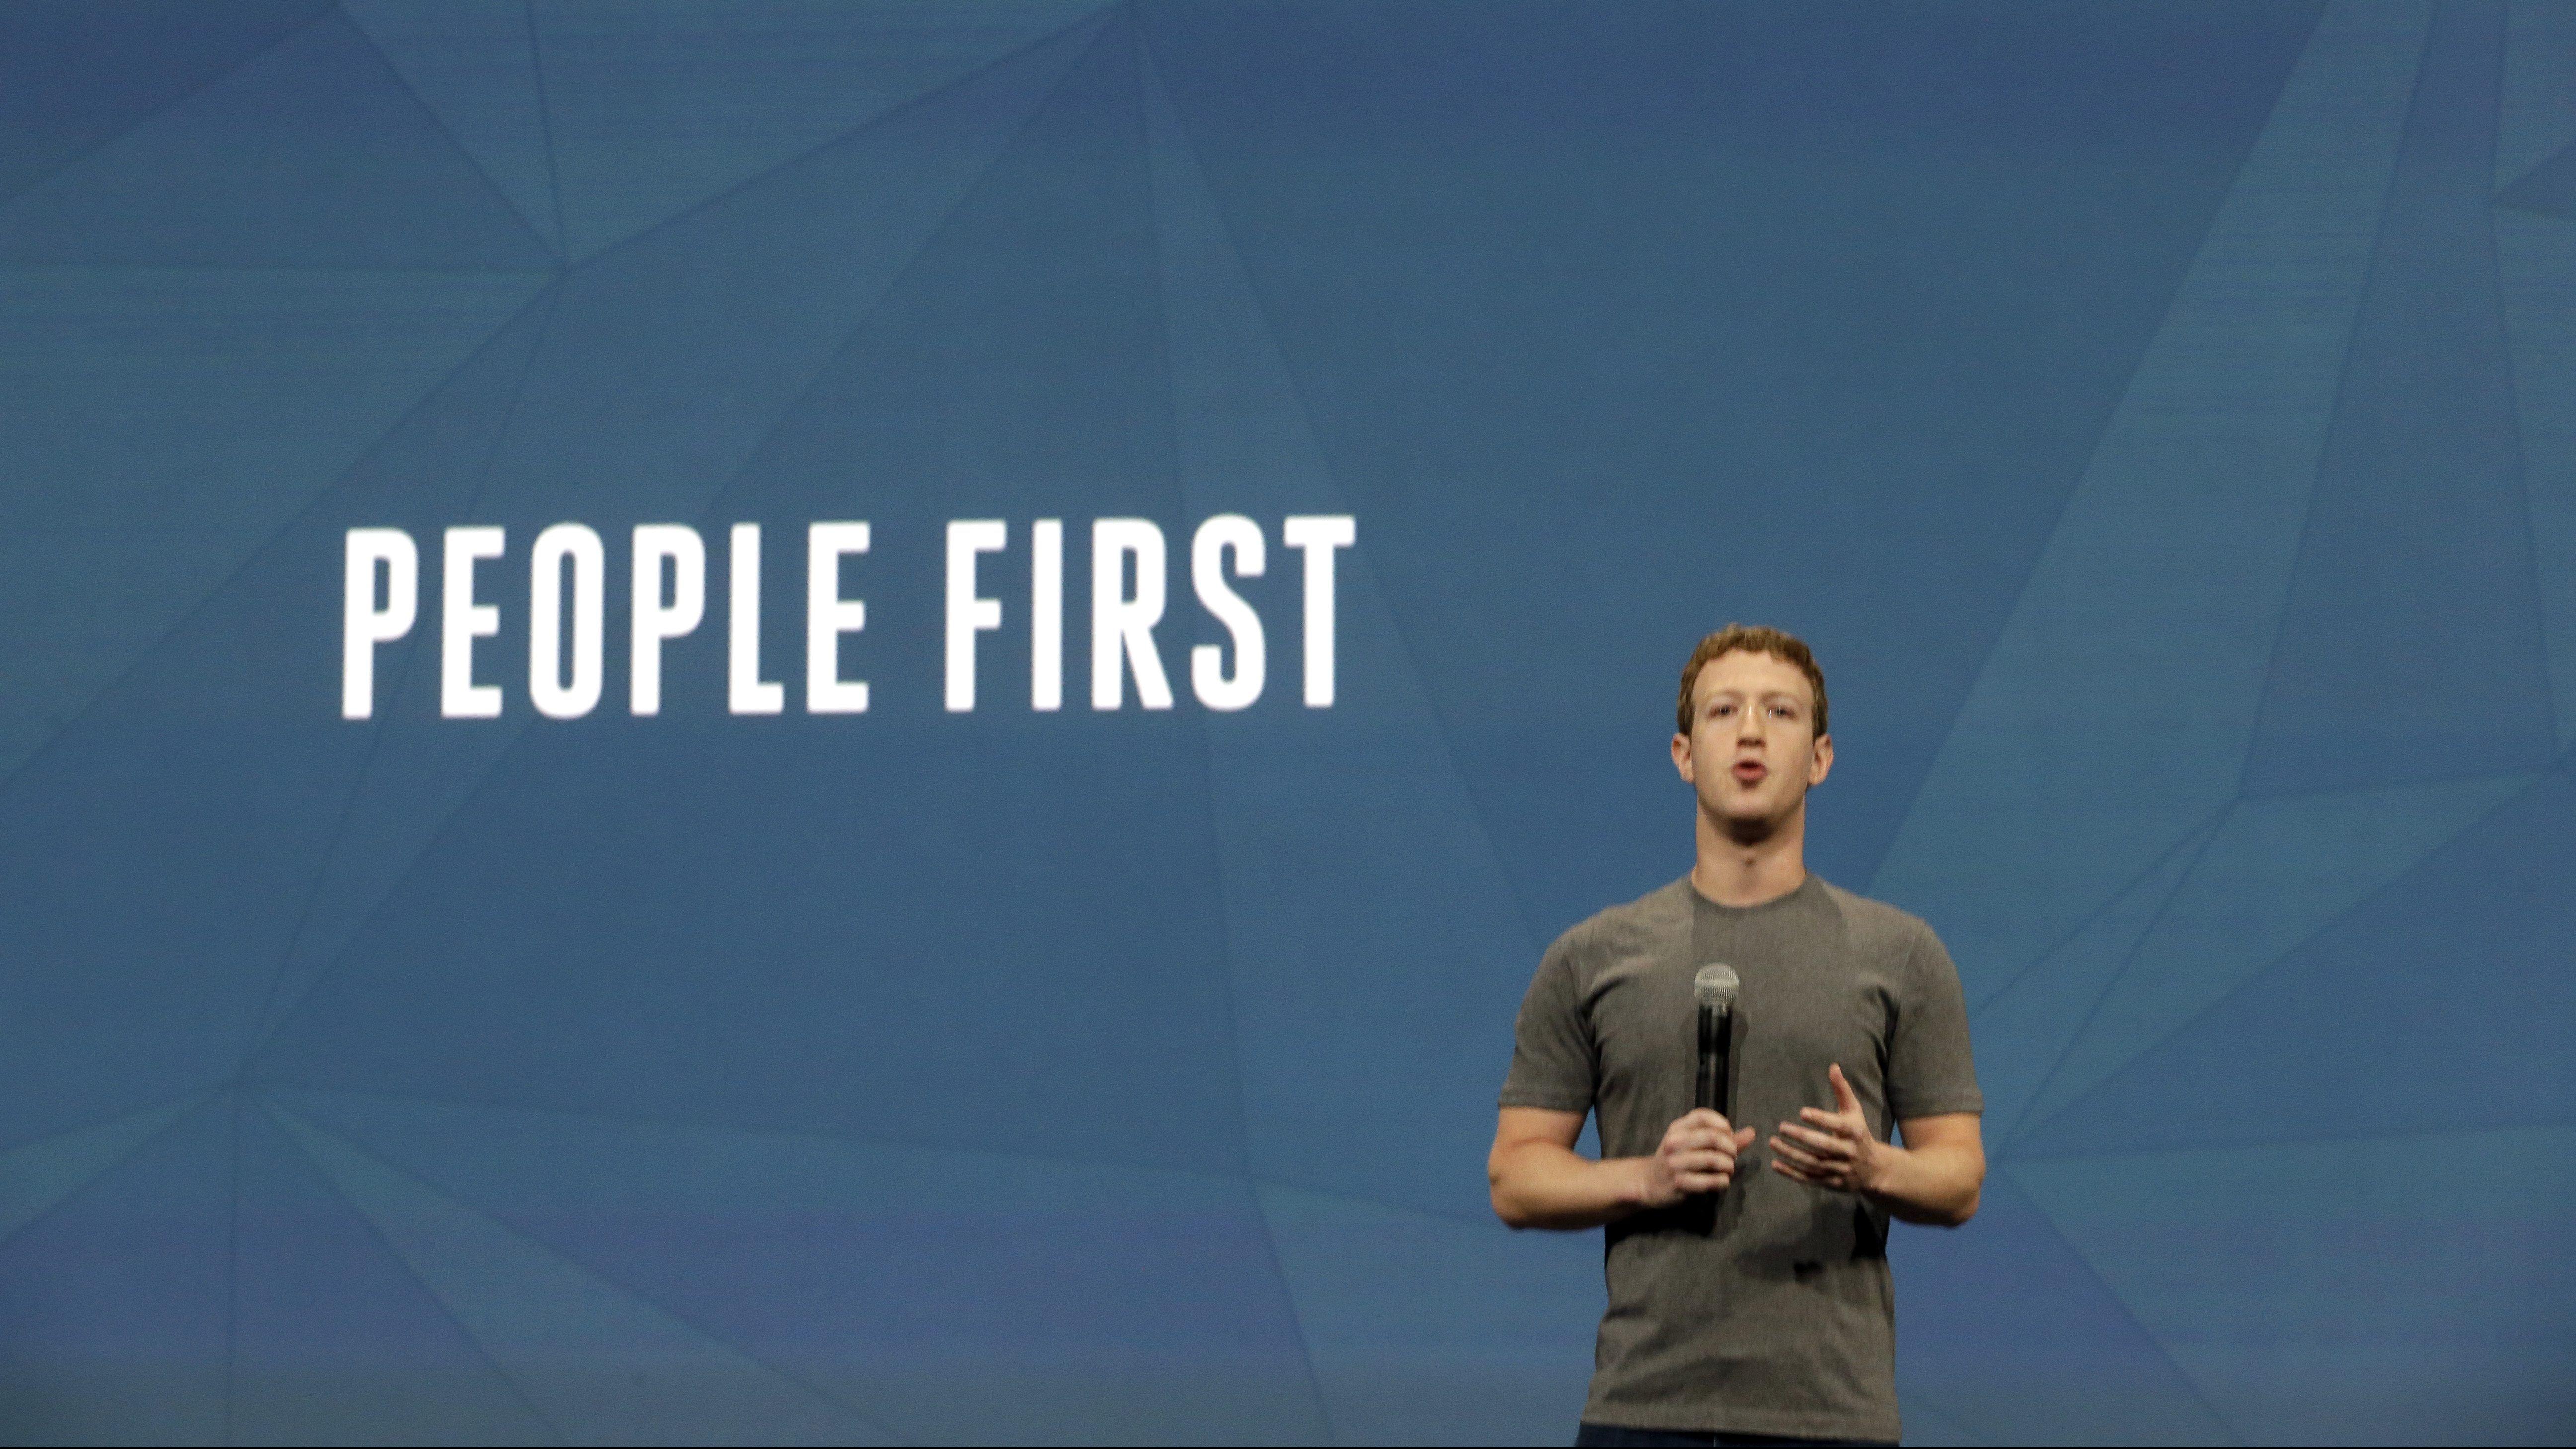 Mark Zuckerberg apologizes for Facebook data scandal major breach of trust